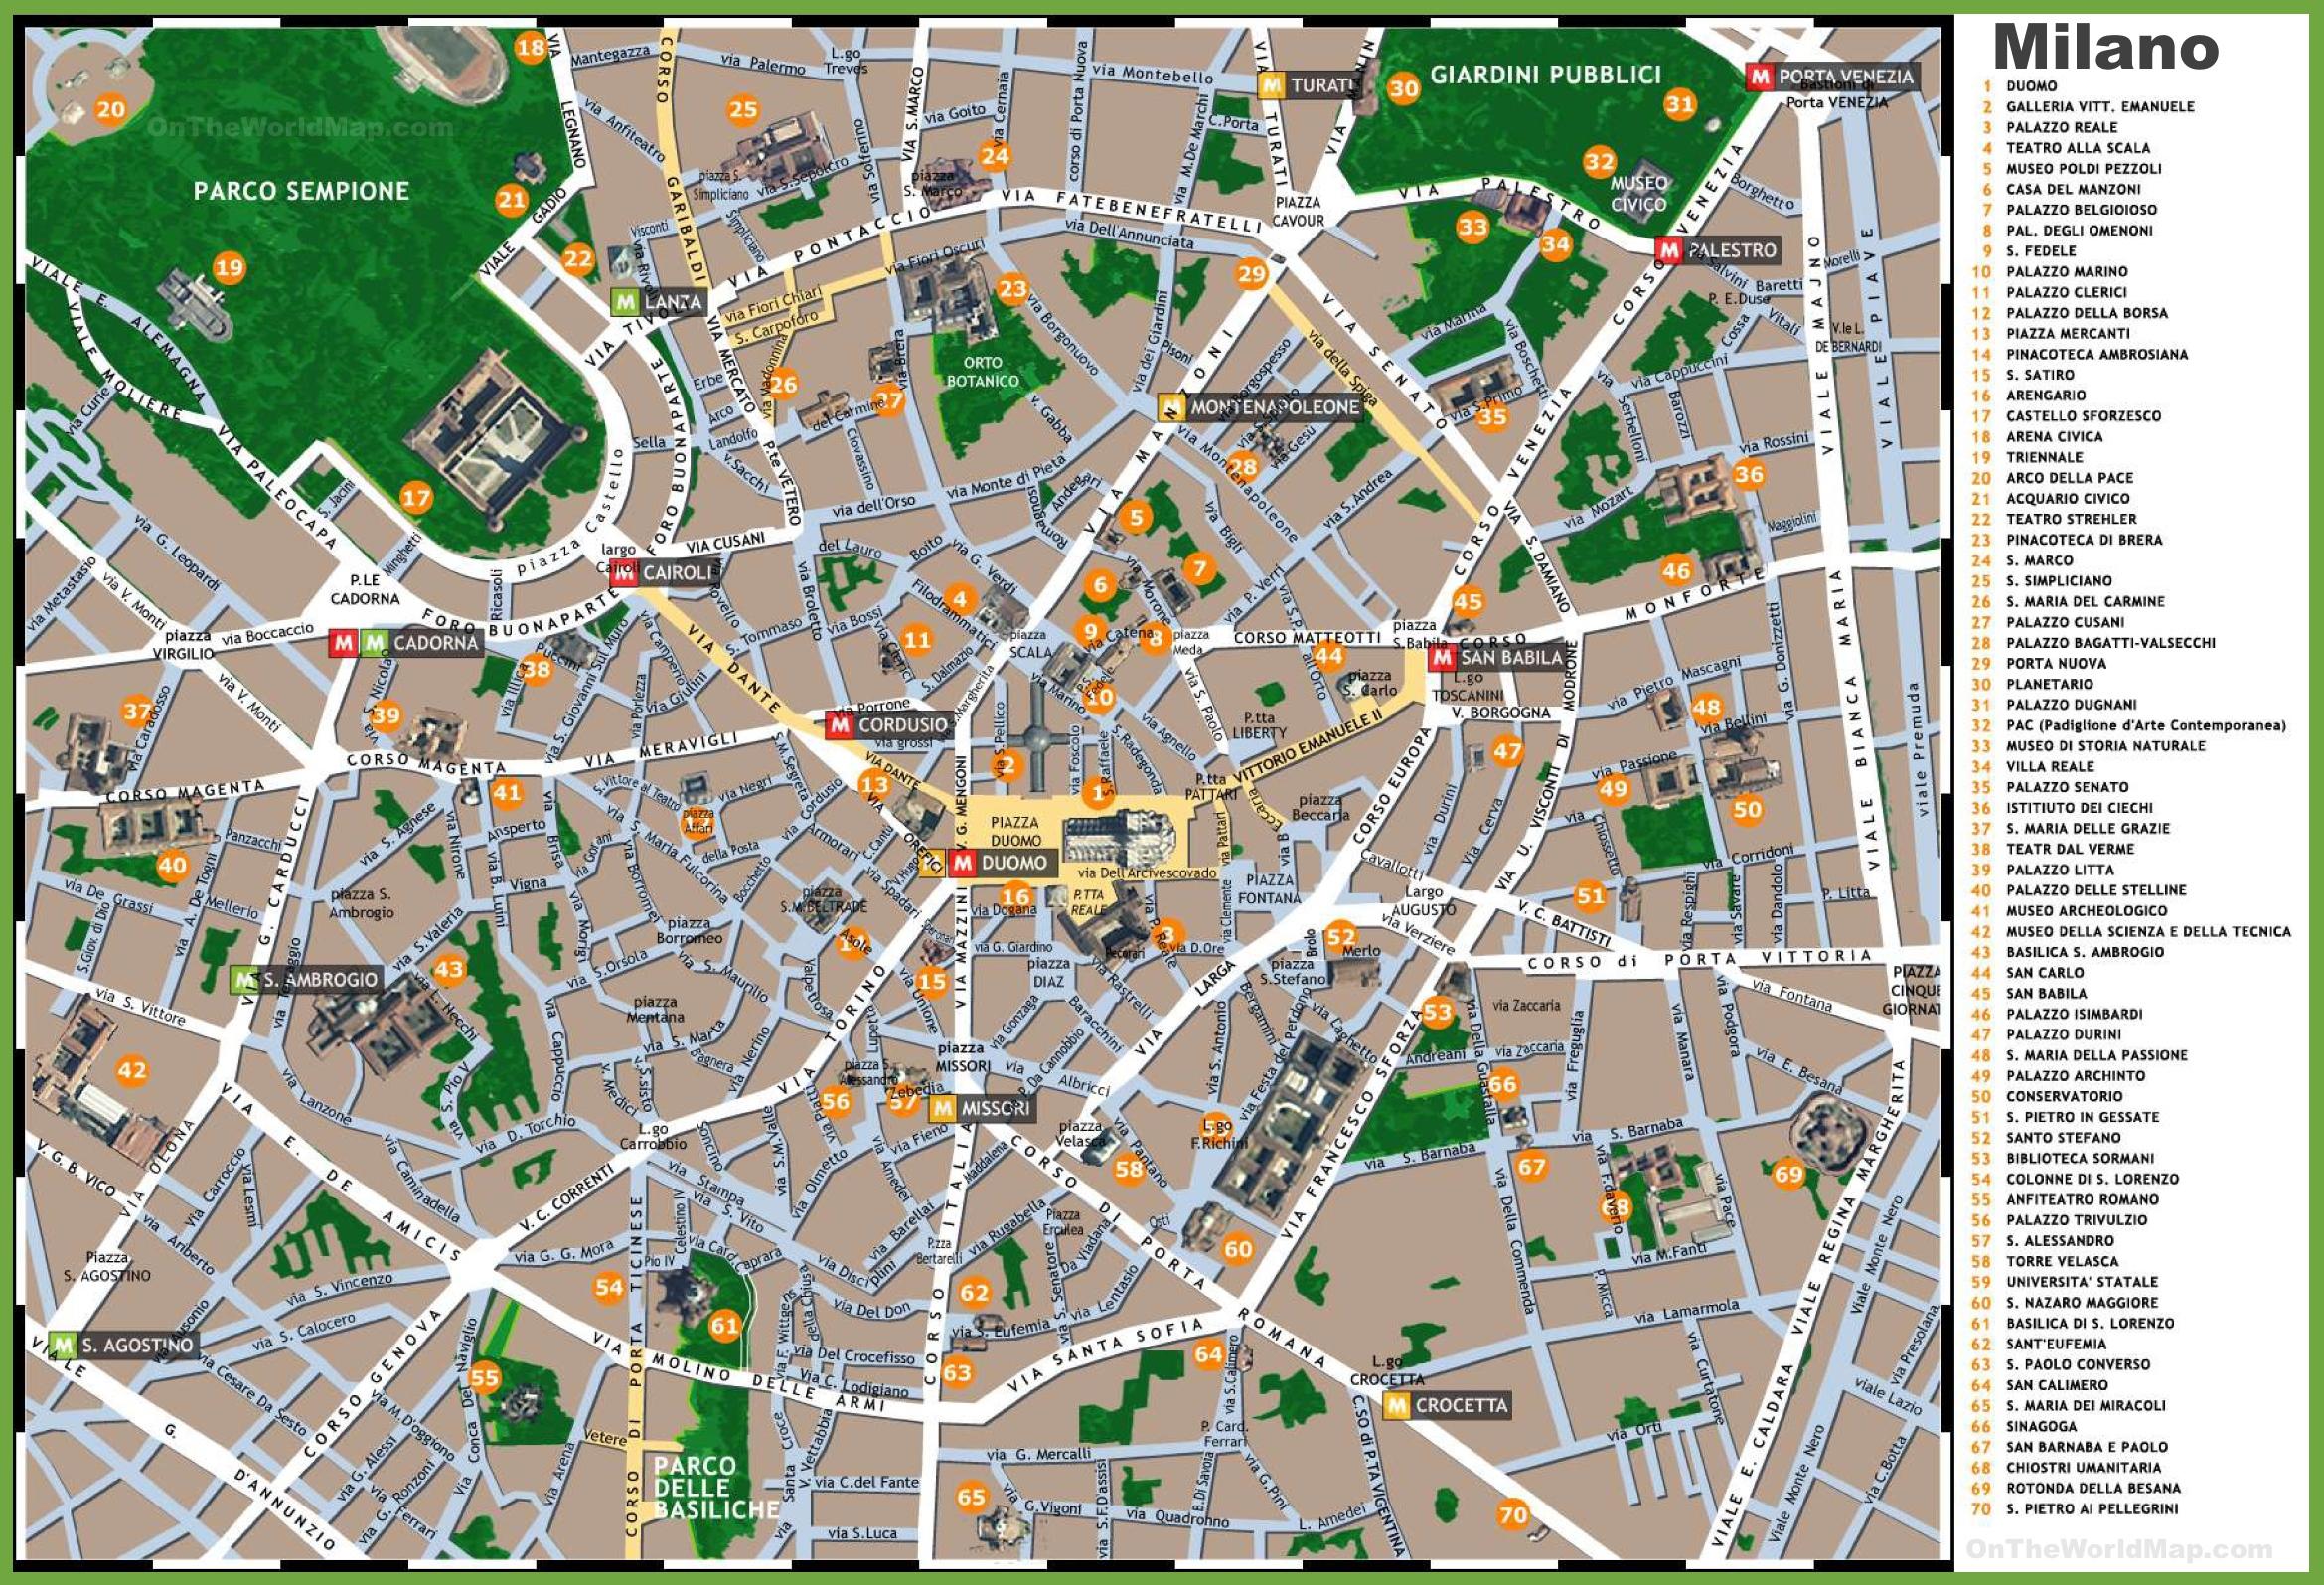 Podrobnye Karty Milana Detalnye Pechatnye Karty Milana Vysokogo